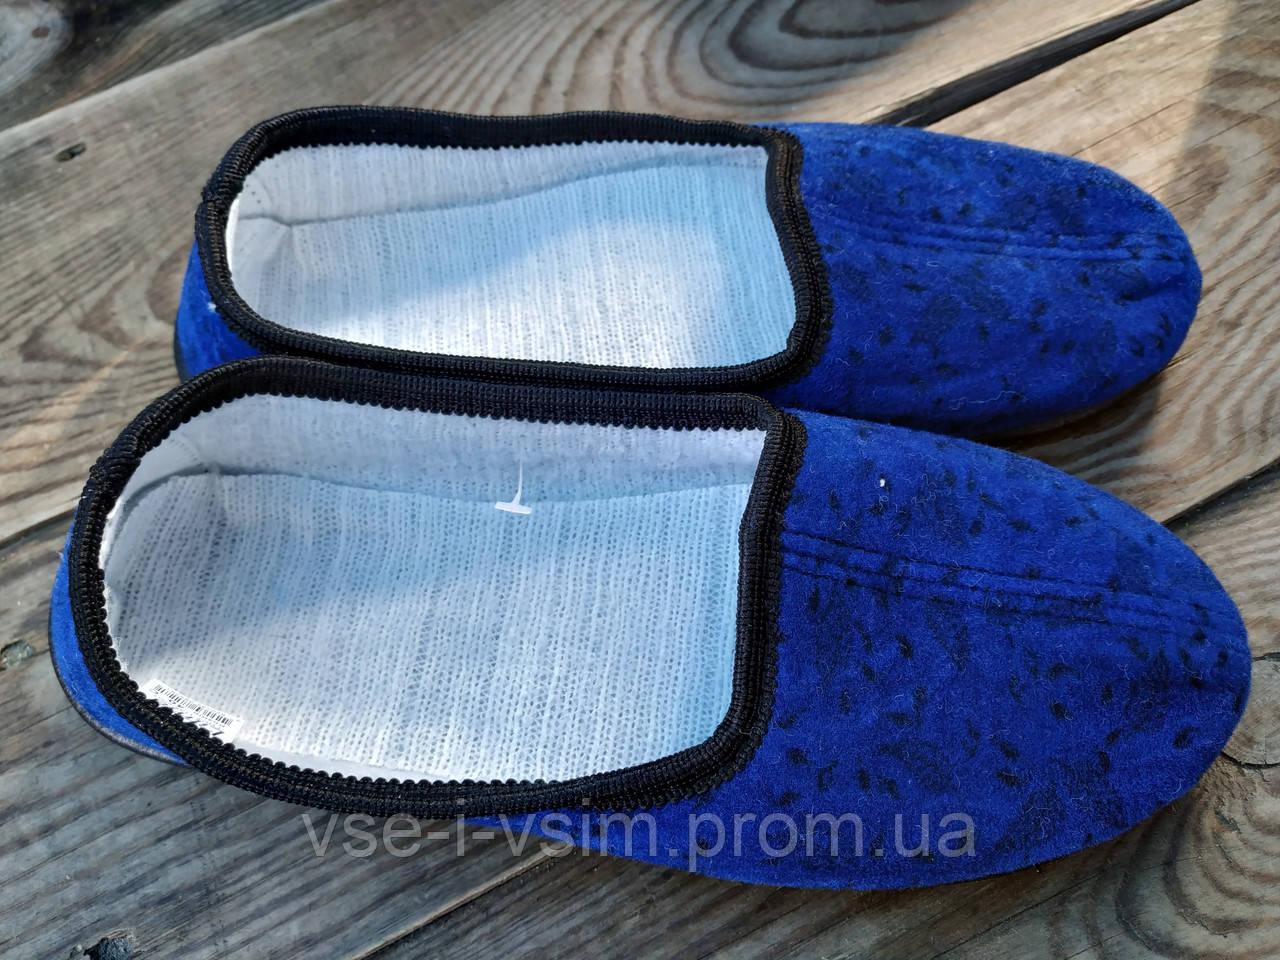 Тапочки Litma Женские 39 размер